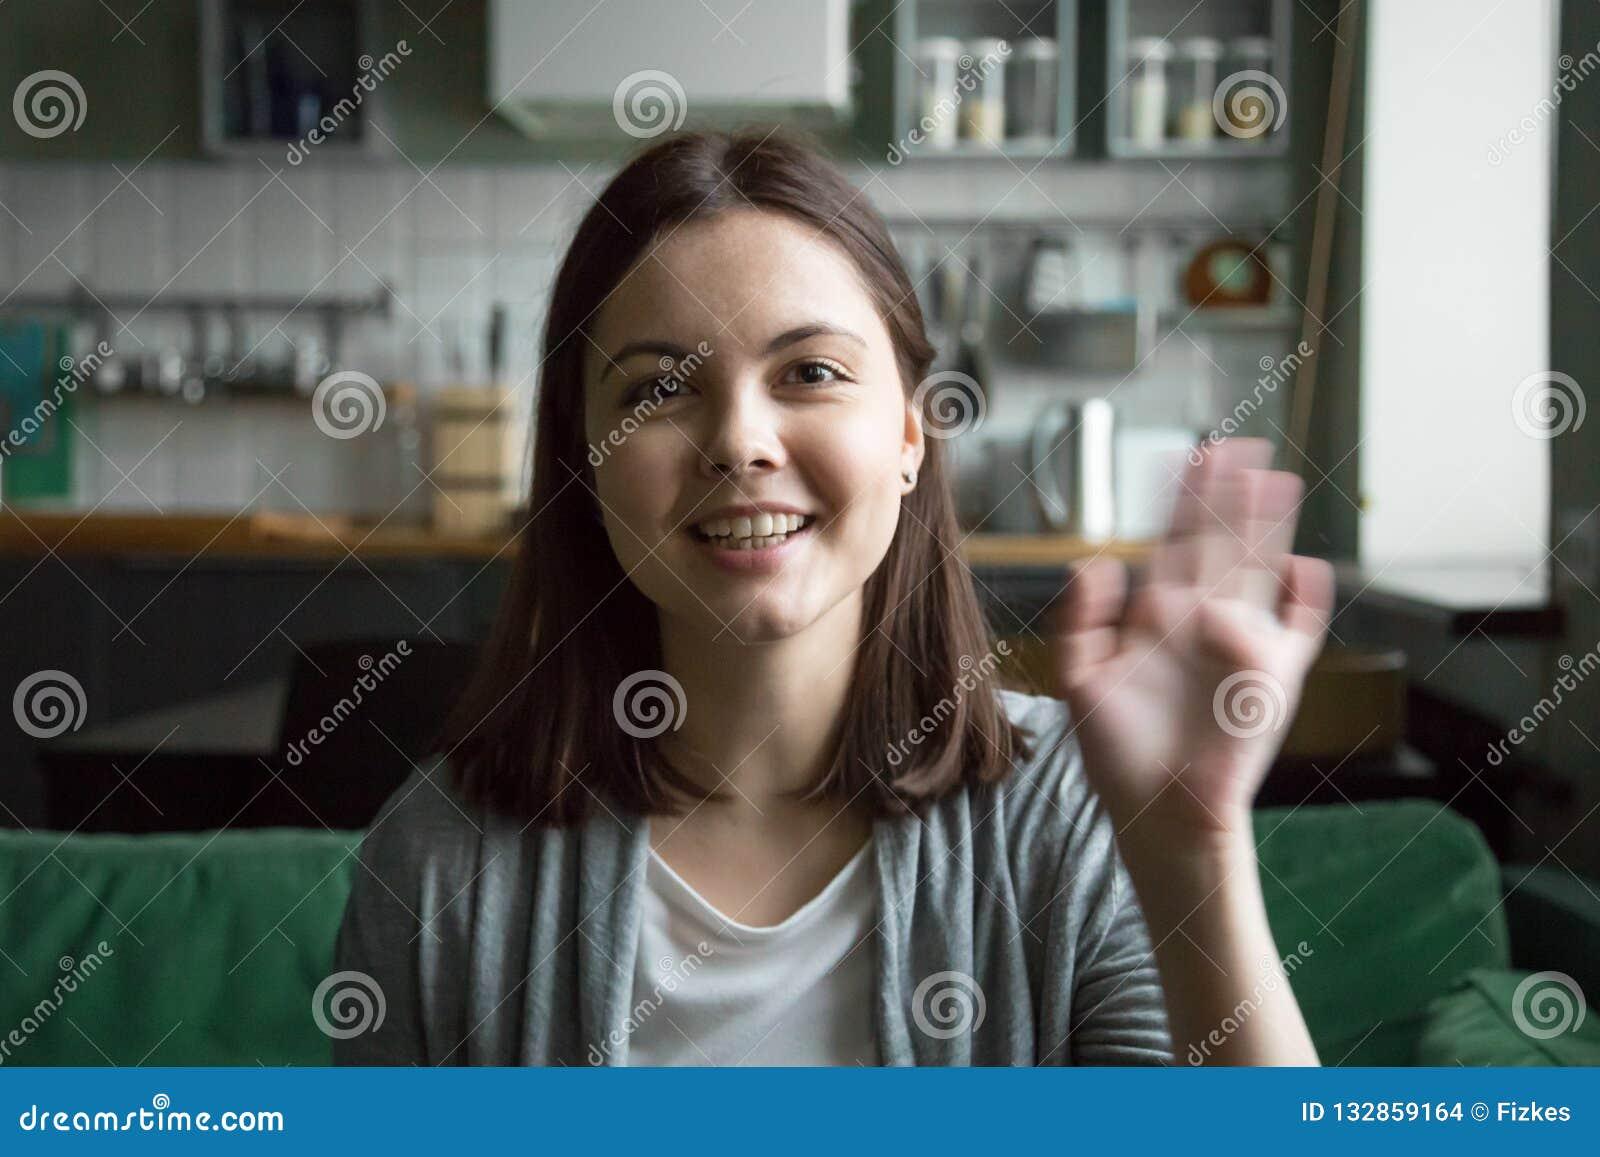 Attraktives Mädchen, das auf der Couch betrachtet Kamera sitzt